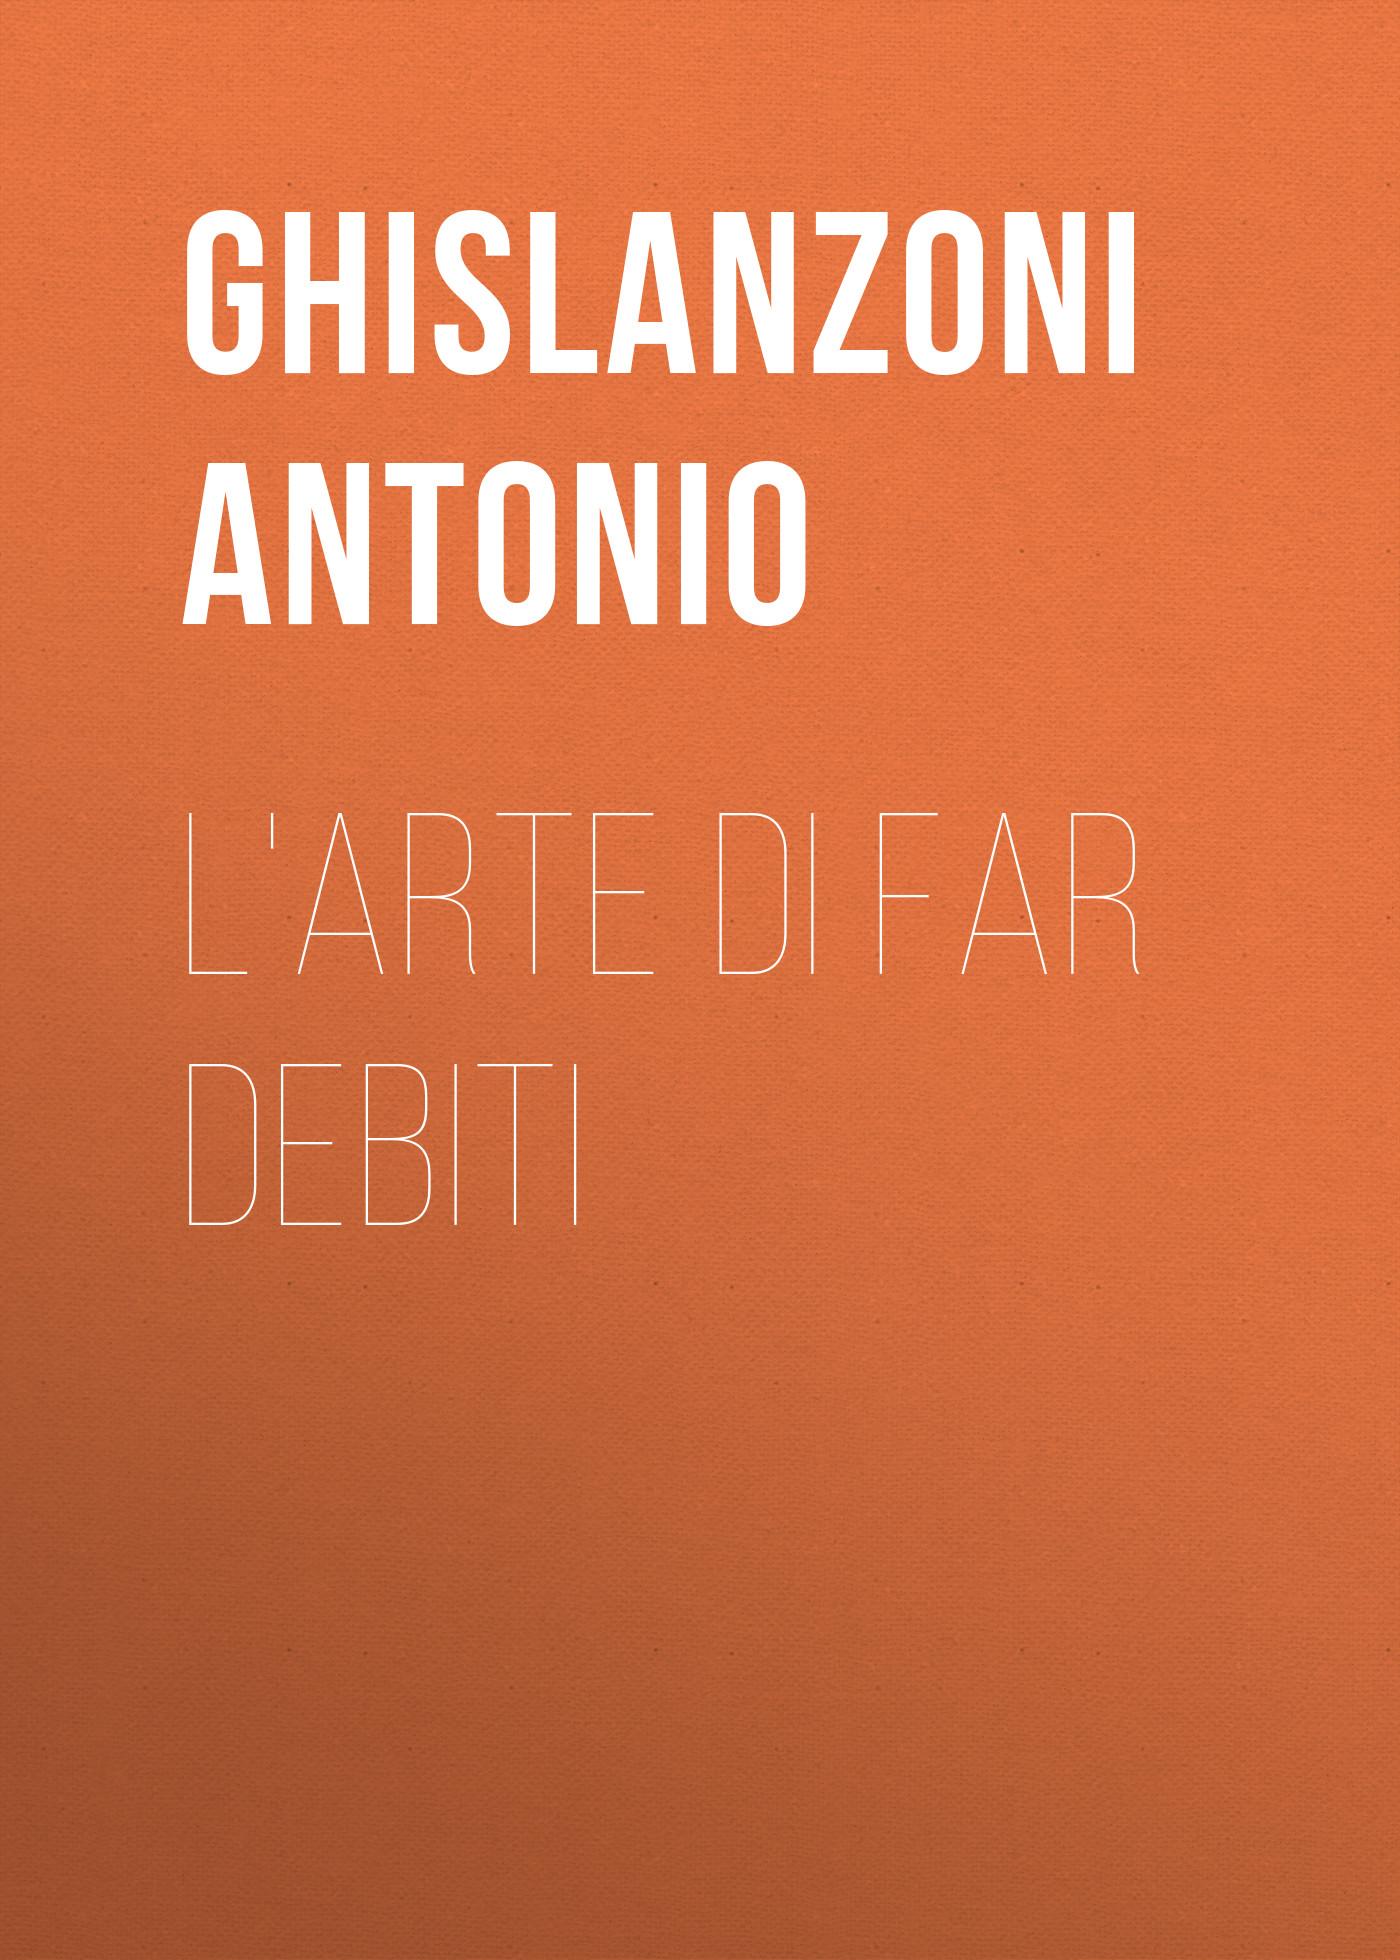 Ghislanzoni Antonio L'arte di far debiti antonio ghislanzoni la contessa di karolystria storia tragicomica